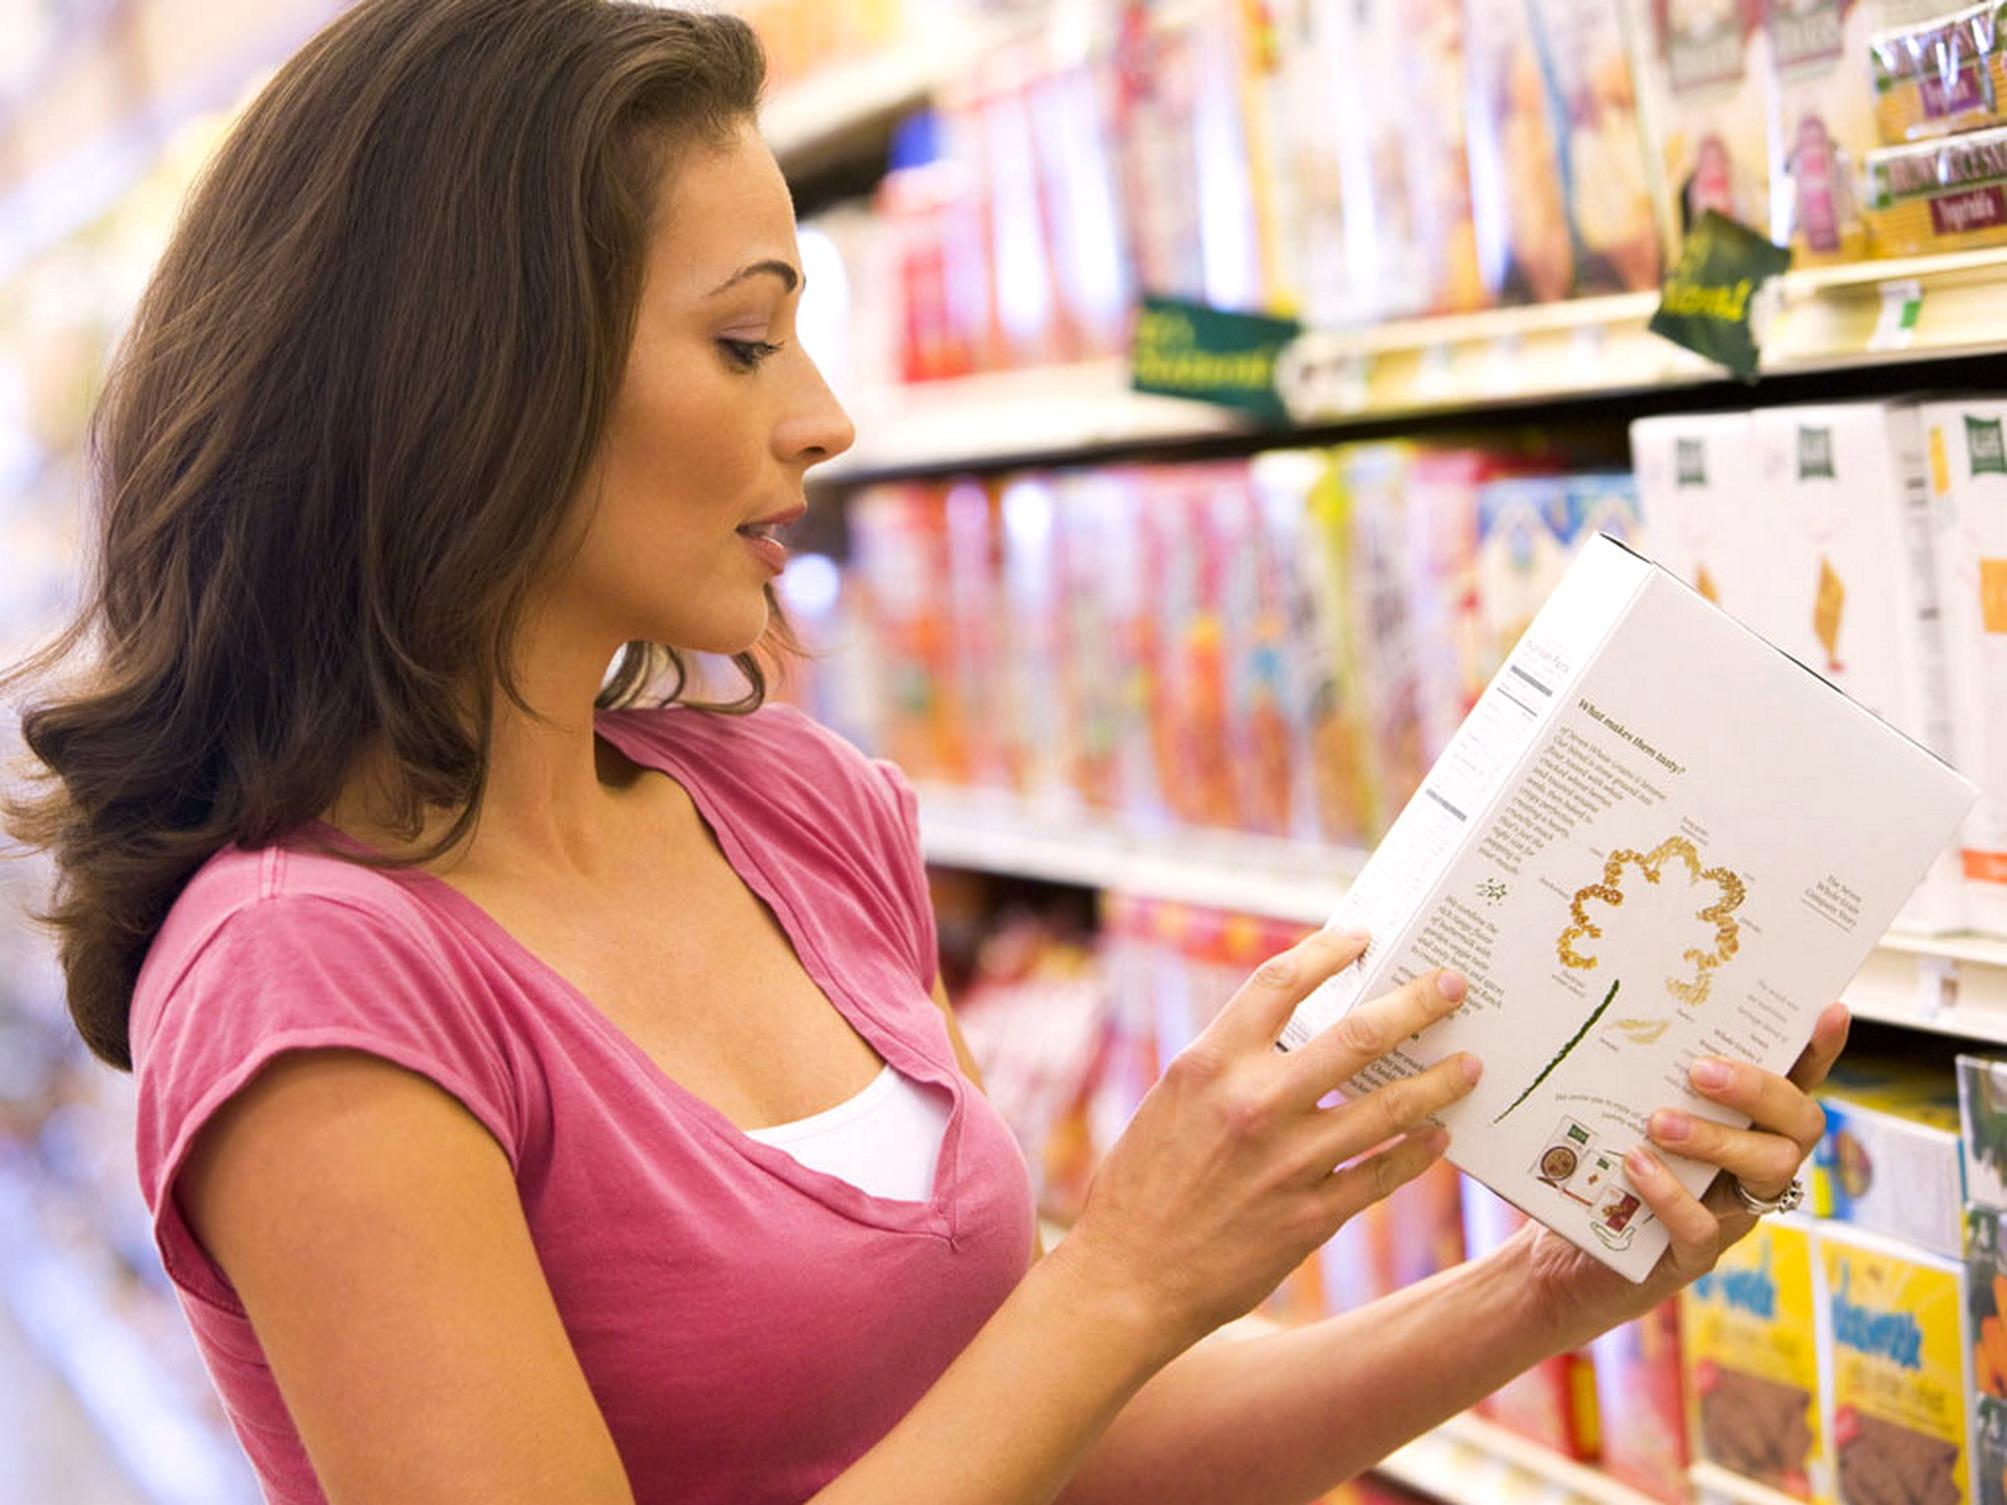 Indagine shock sui prodotti per celiaci: il 13% di quelli esaminati conterrebbe glutine